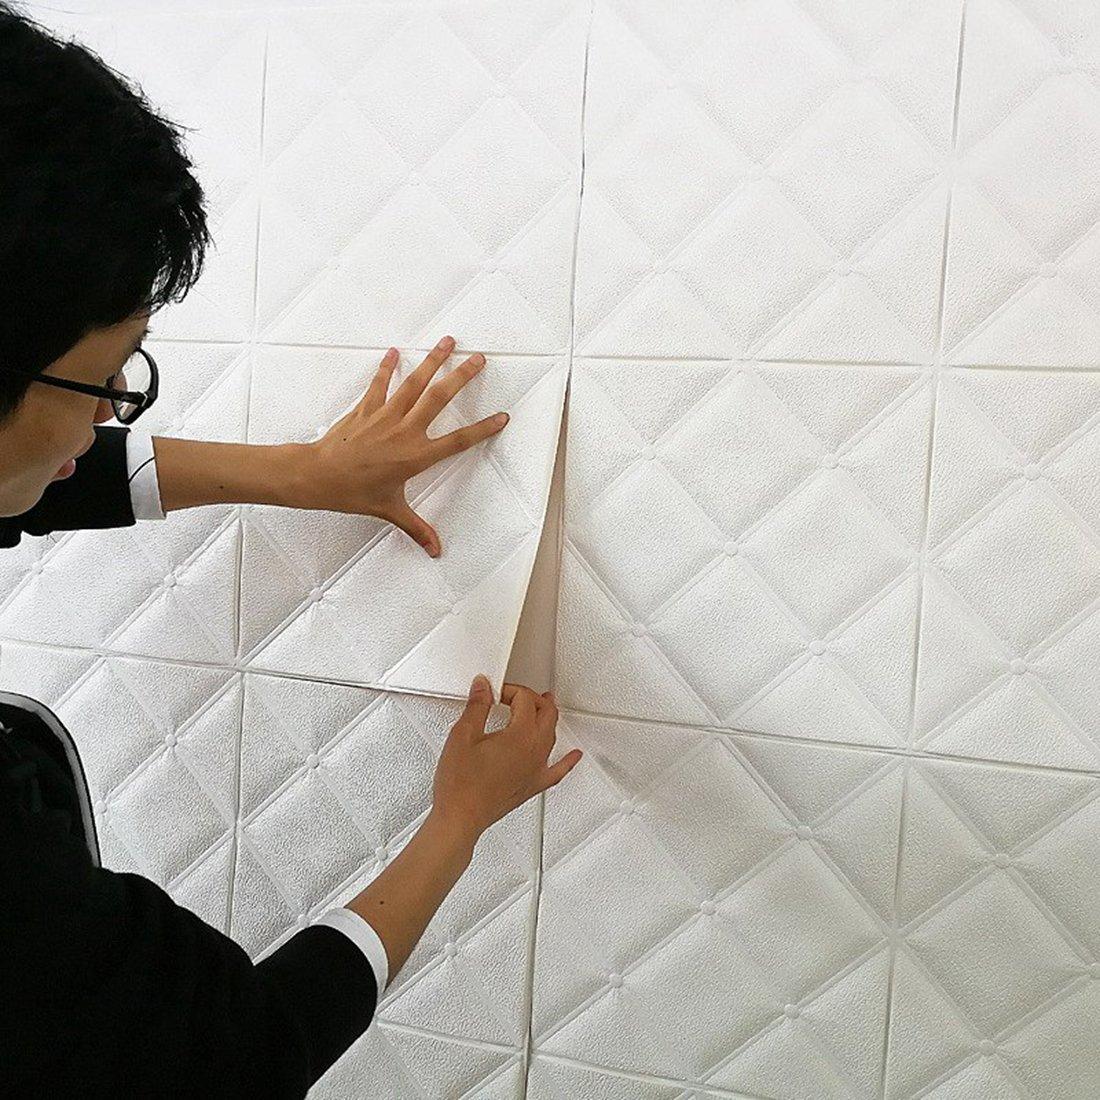 (Enerhu)3D壁紙 3D壁紙パネル 3Dウォールステッカー 壁紙シール ウォールステッカー DIY 簡単貼付シール 防水 壁紙 健康 補修簡単 ダイヤモンド柄 賃貸OK 幼稚園 60*60cm 10枚入り ホワイト B07DS2Q7V5 13770 60*60cm(10枚入り)|ホワイト ホワイト 60*60cm(10枚入り)